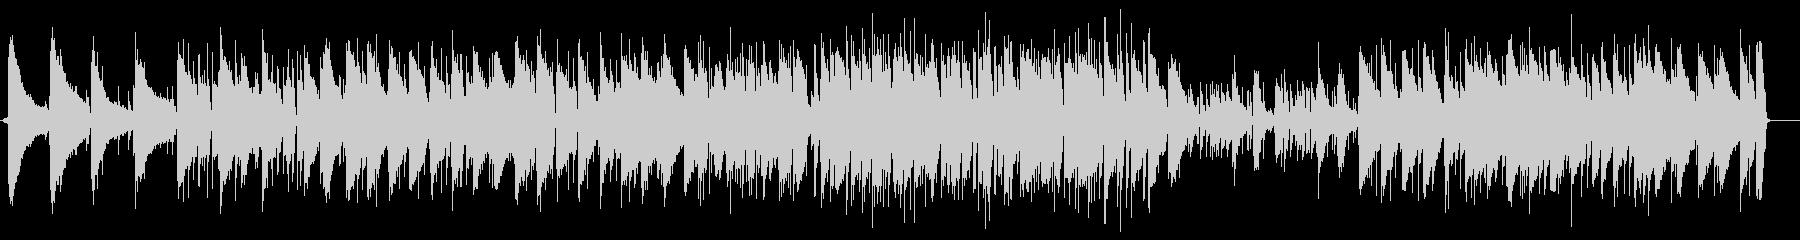 チャイコフスキーのジャズピアノの未再生の波形